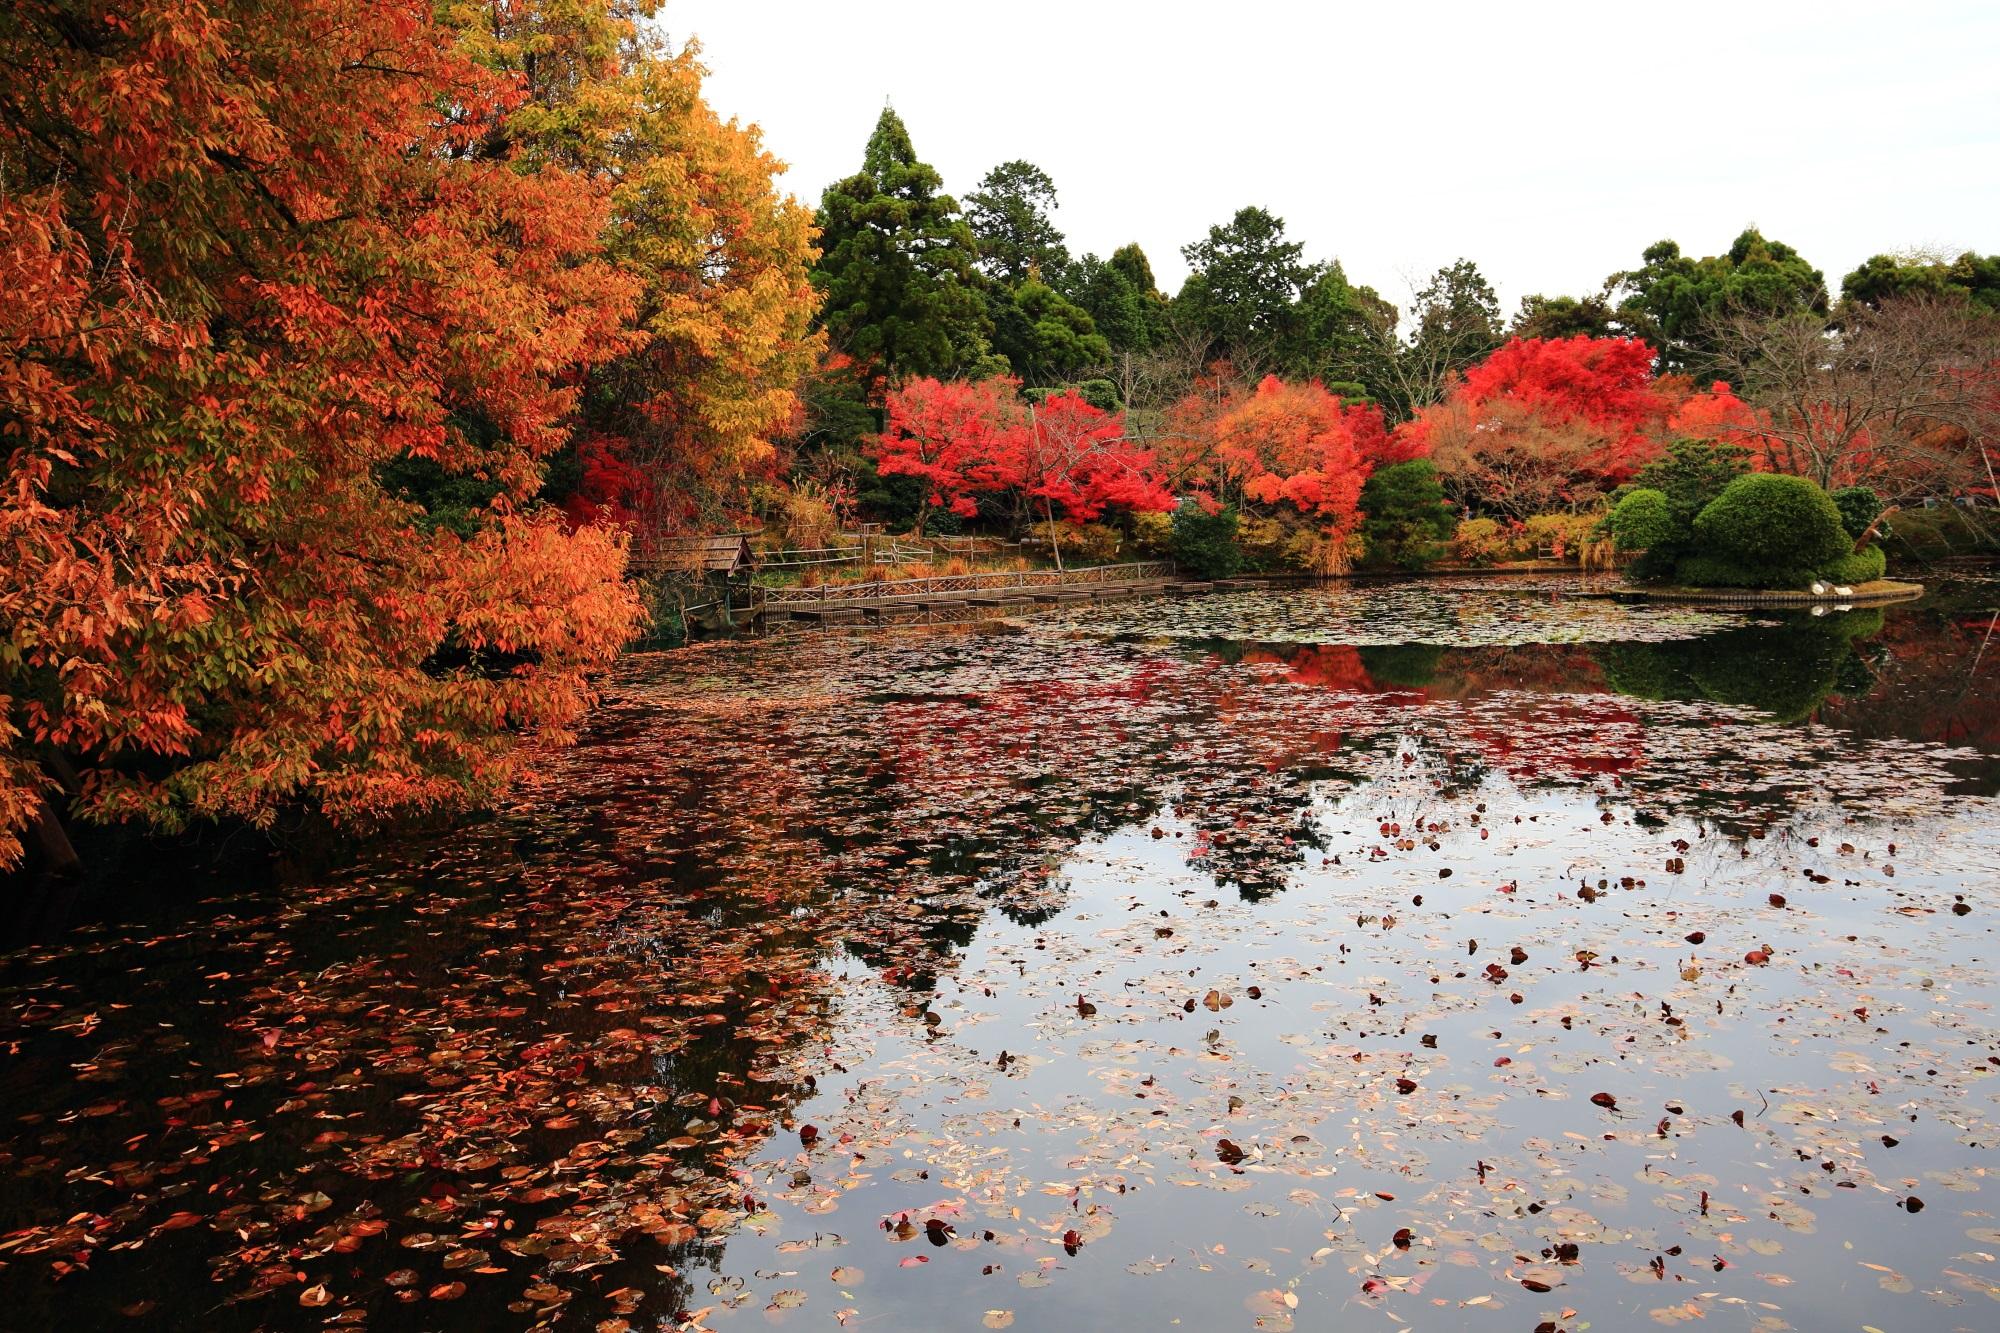 紅葉名所の龍安寺の鏡容池の散り紅葉と水鏡